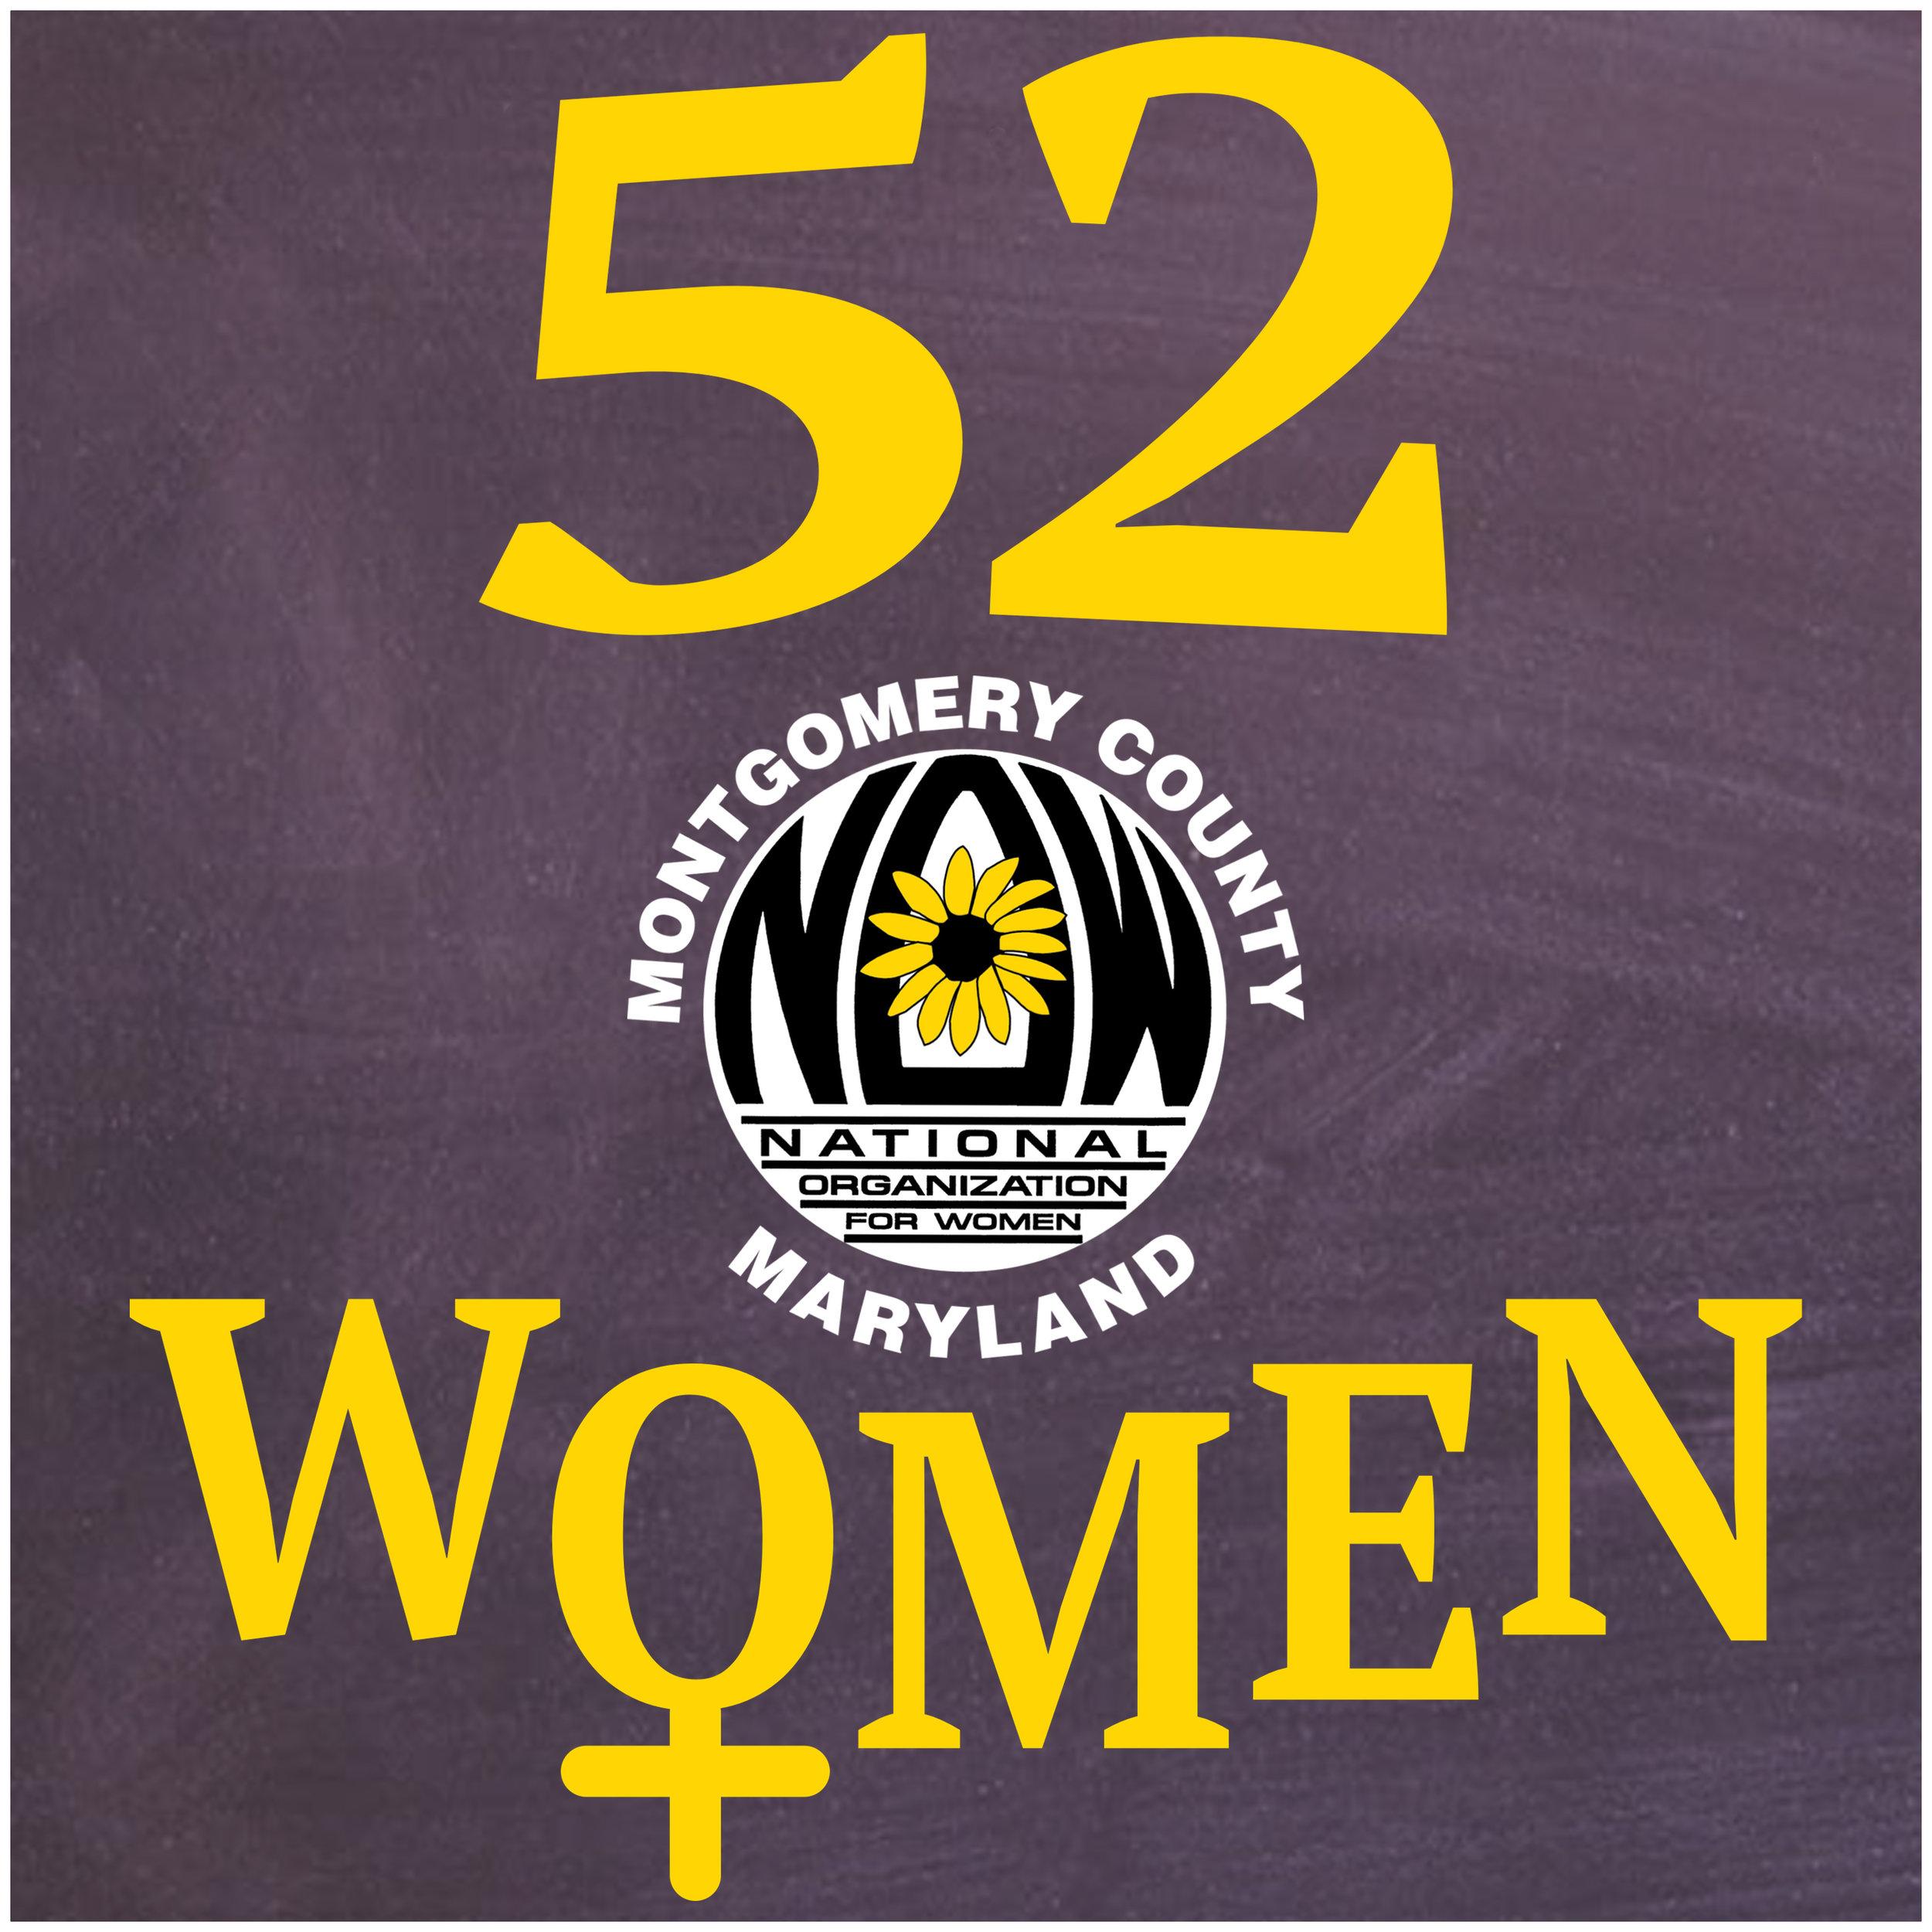 52 WOMEN.jpg